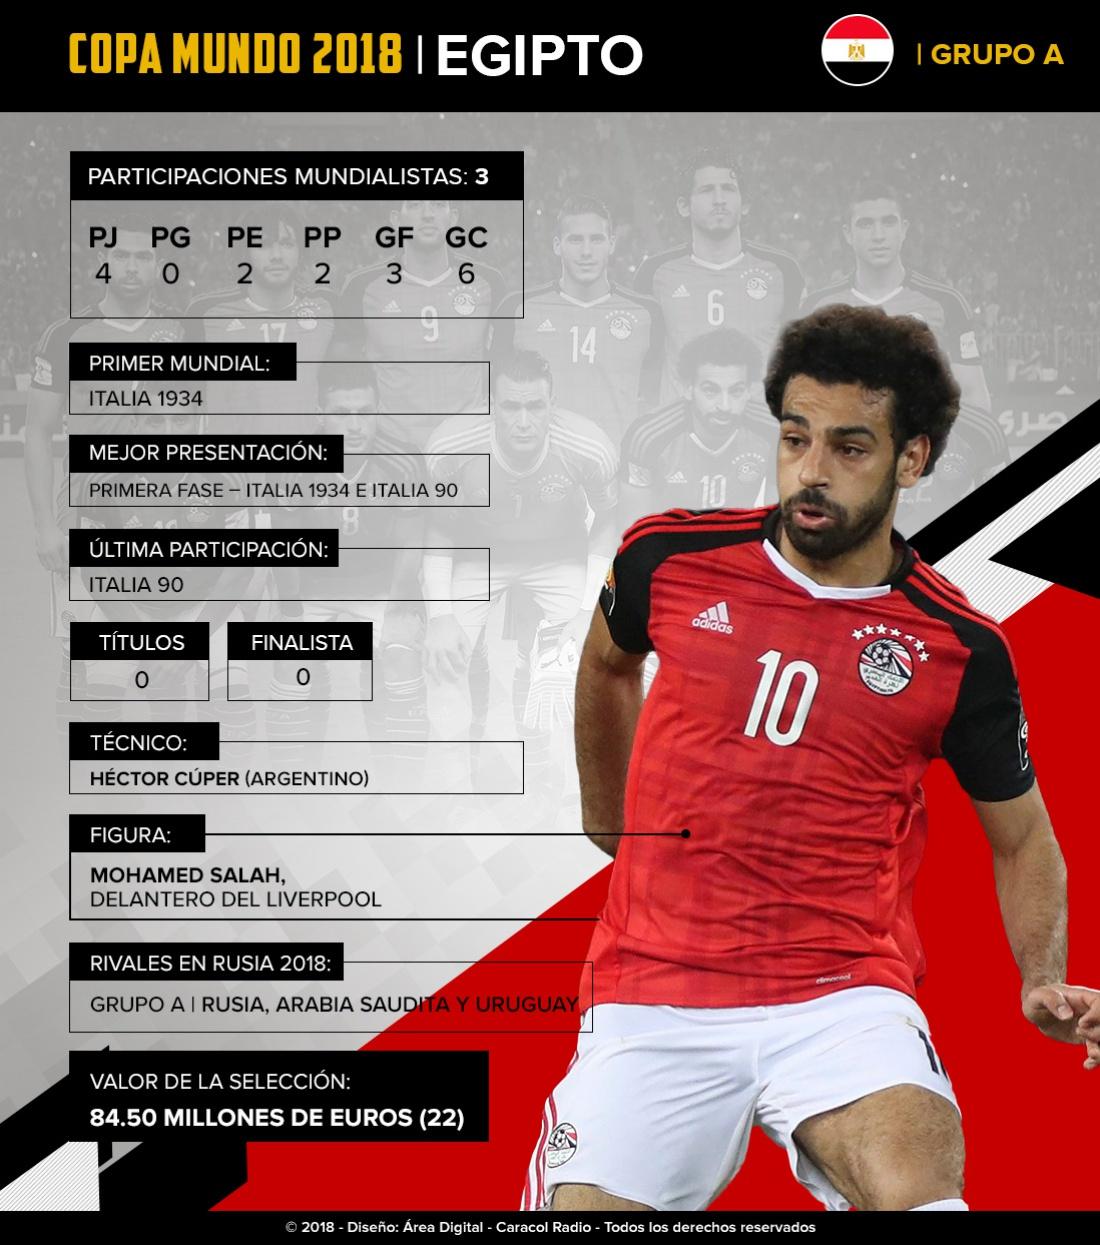 Mundial 2018: Egipto: De la mano de Salah, buscarán ganar su primer partido en Mundiales